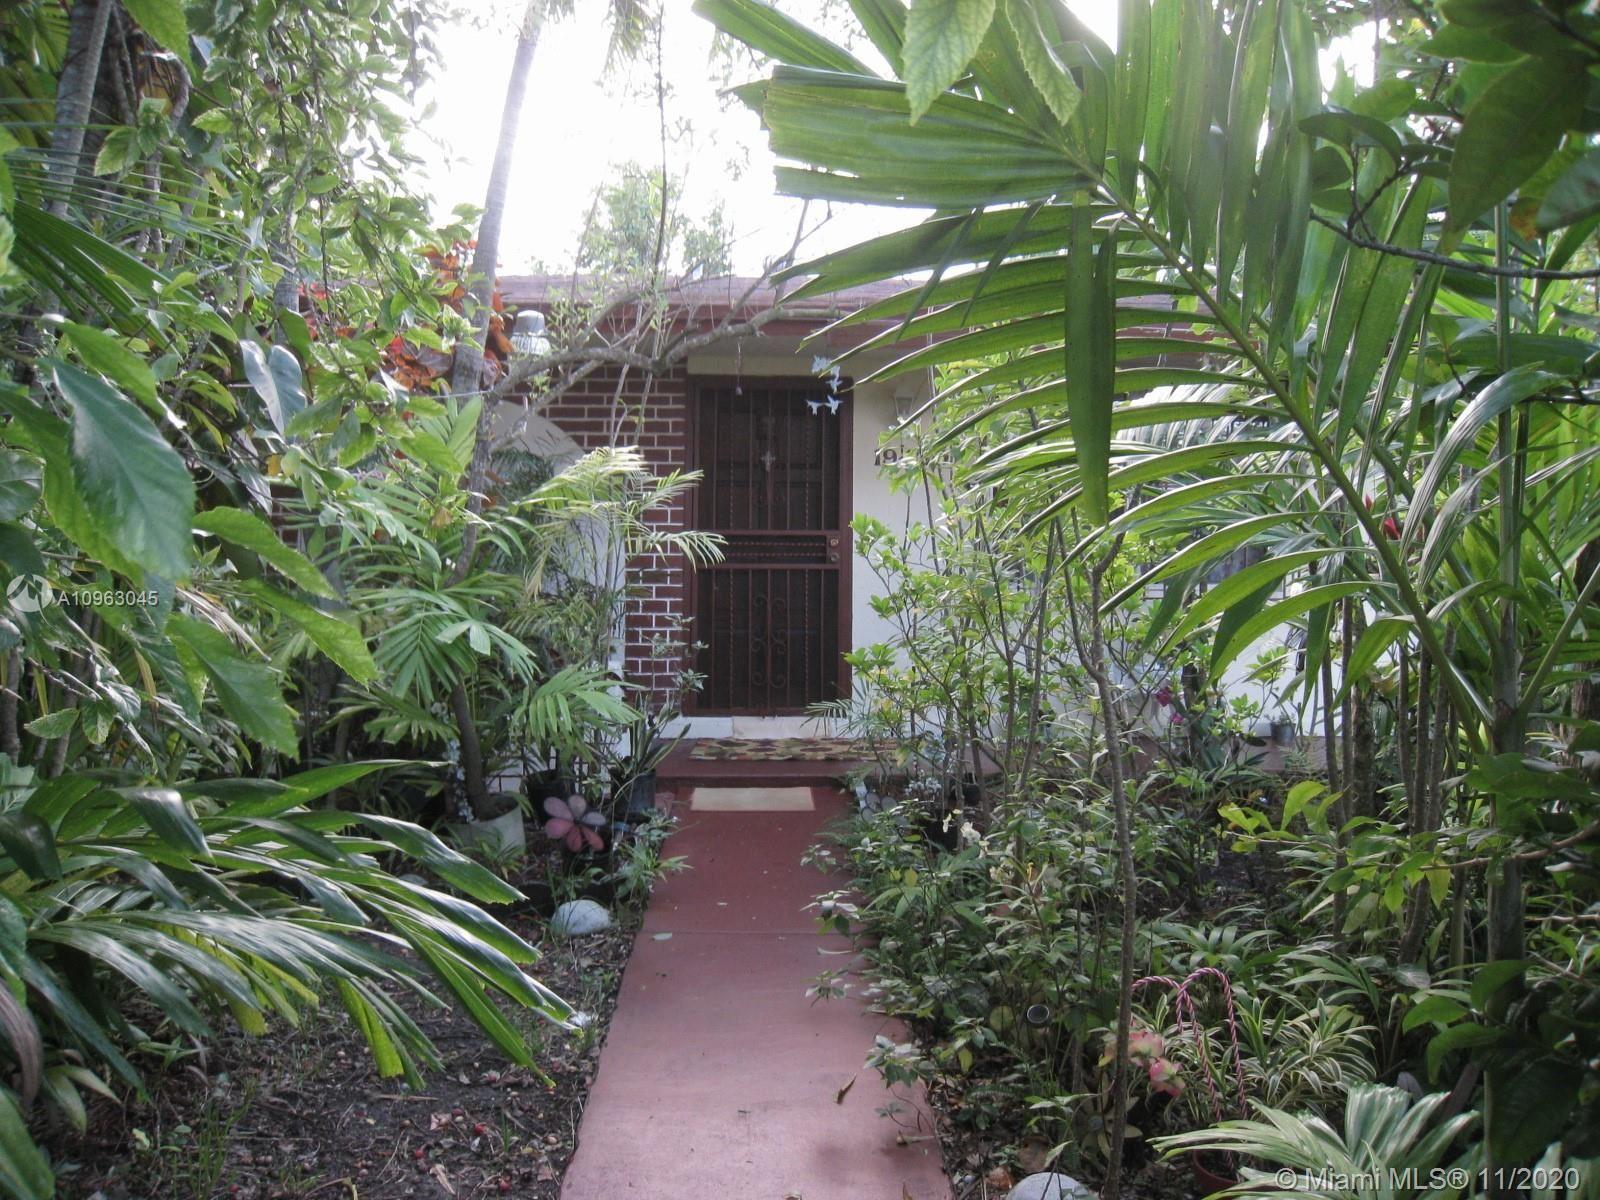 19450 SW 118th Ave, Miami, FL 33177 - #: A10963045